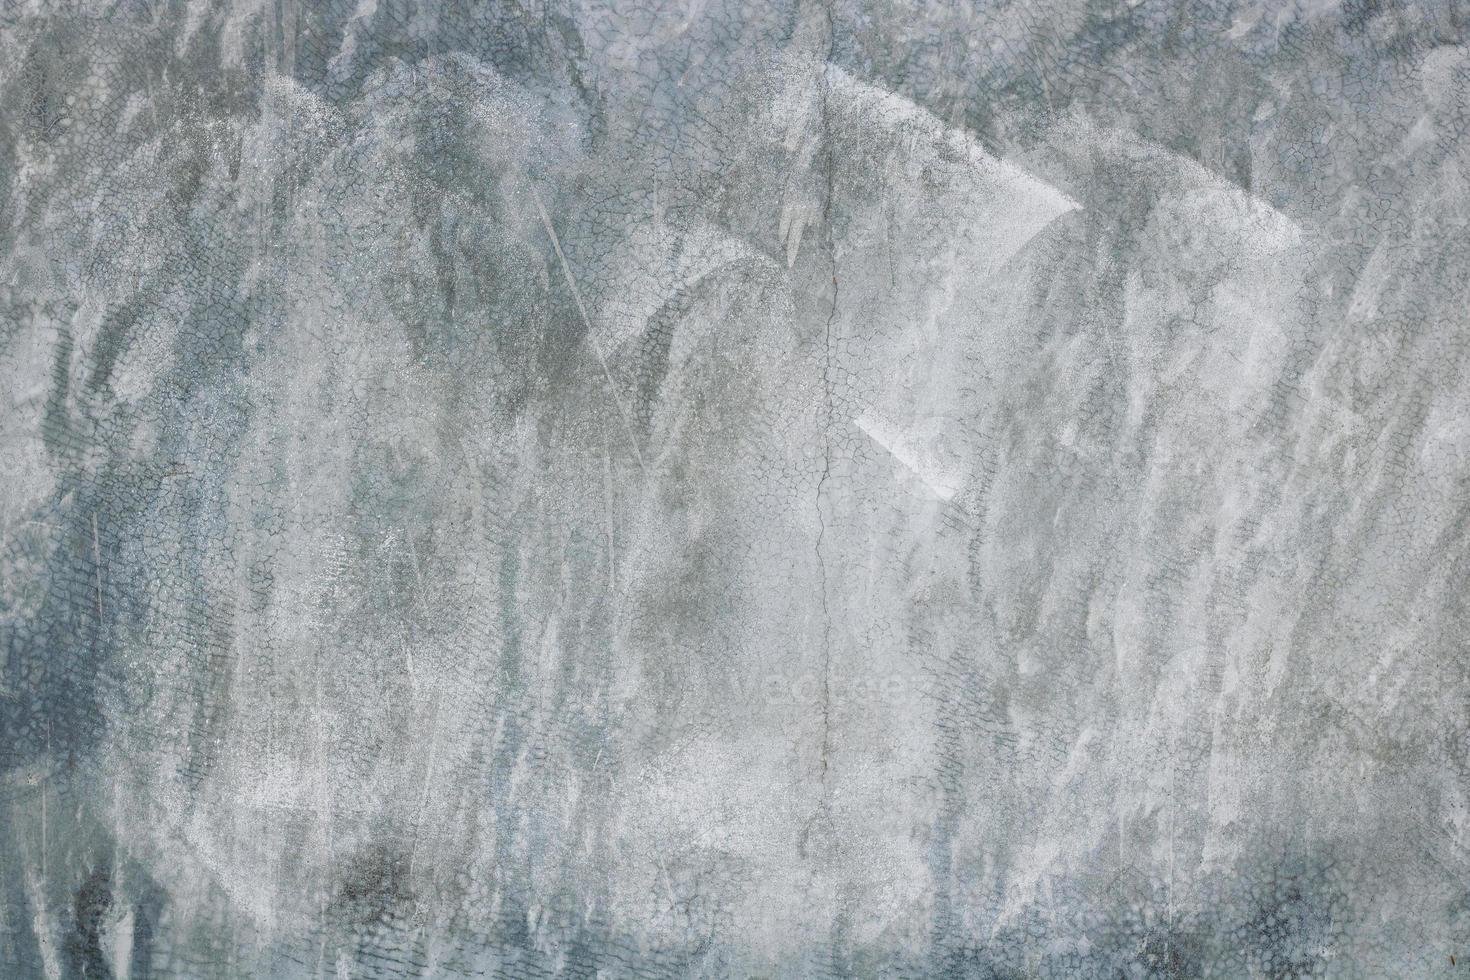 fond de texture de mur de ciment blanc et gris photo